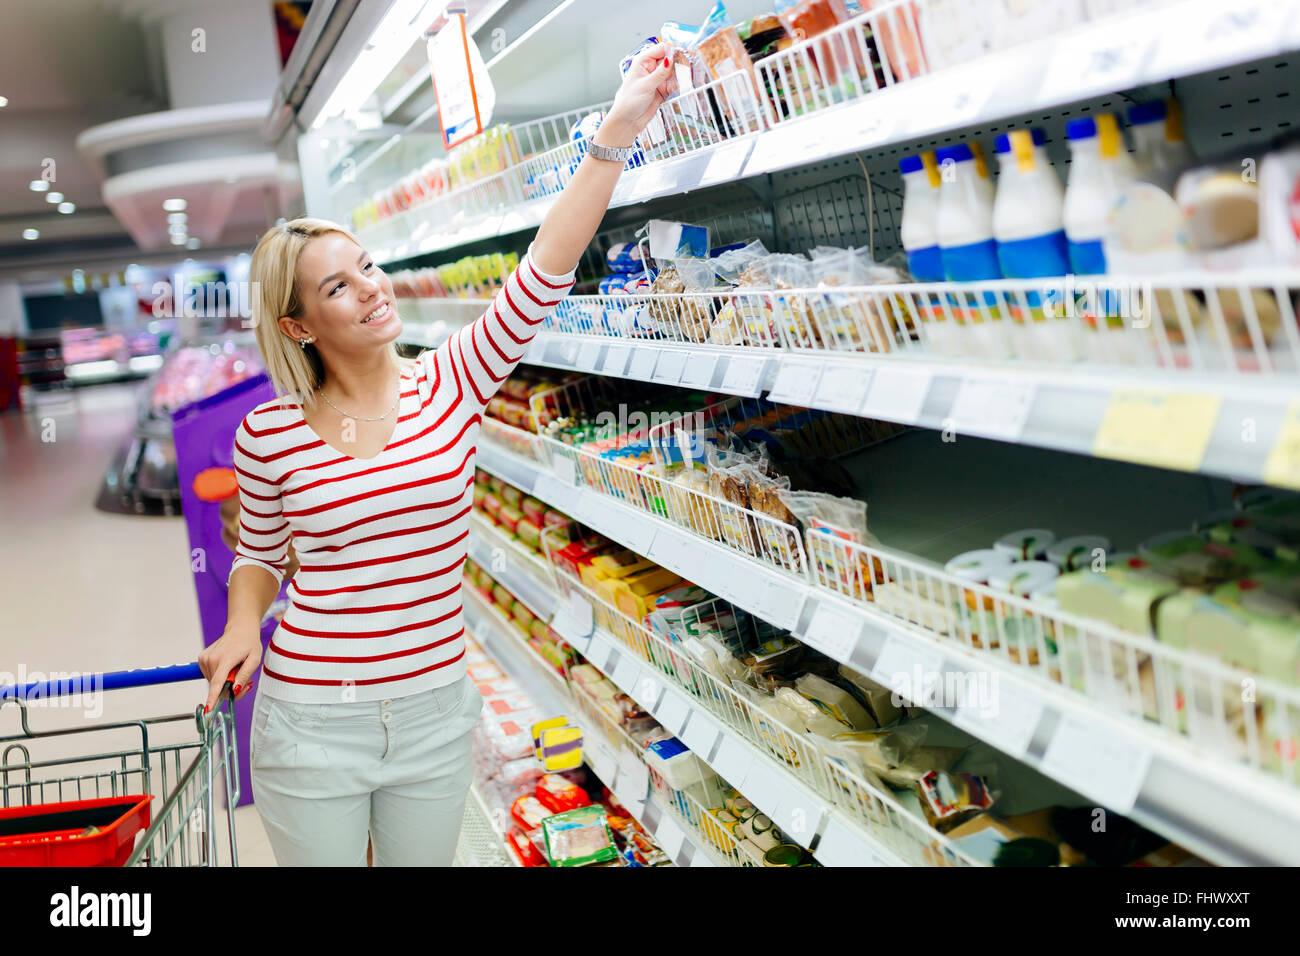 Bella donna shopping nel supermercato e decidere cosa acquistare Immagini Stock